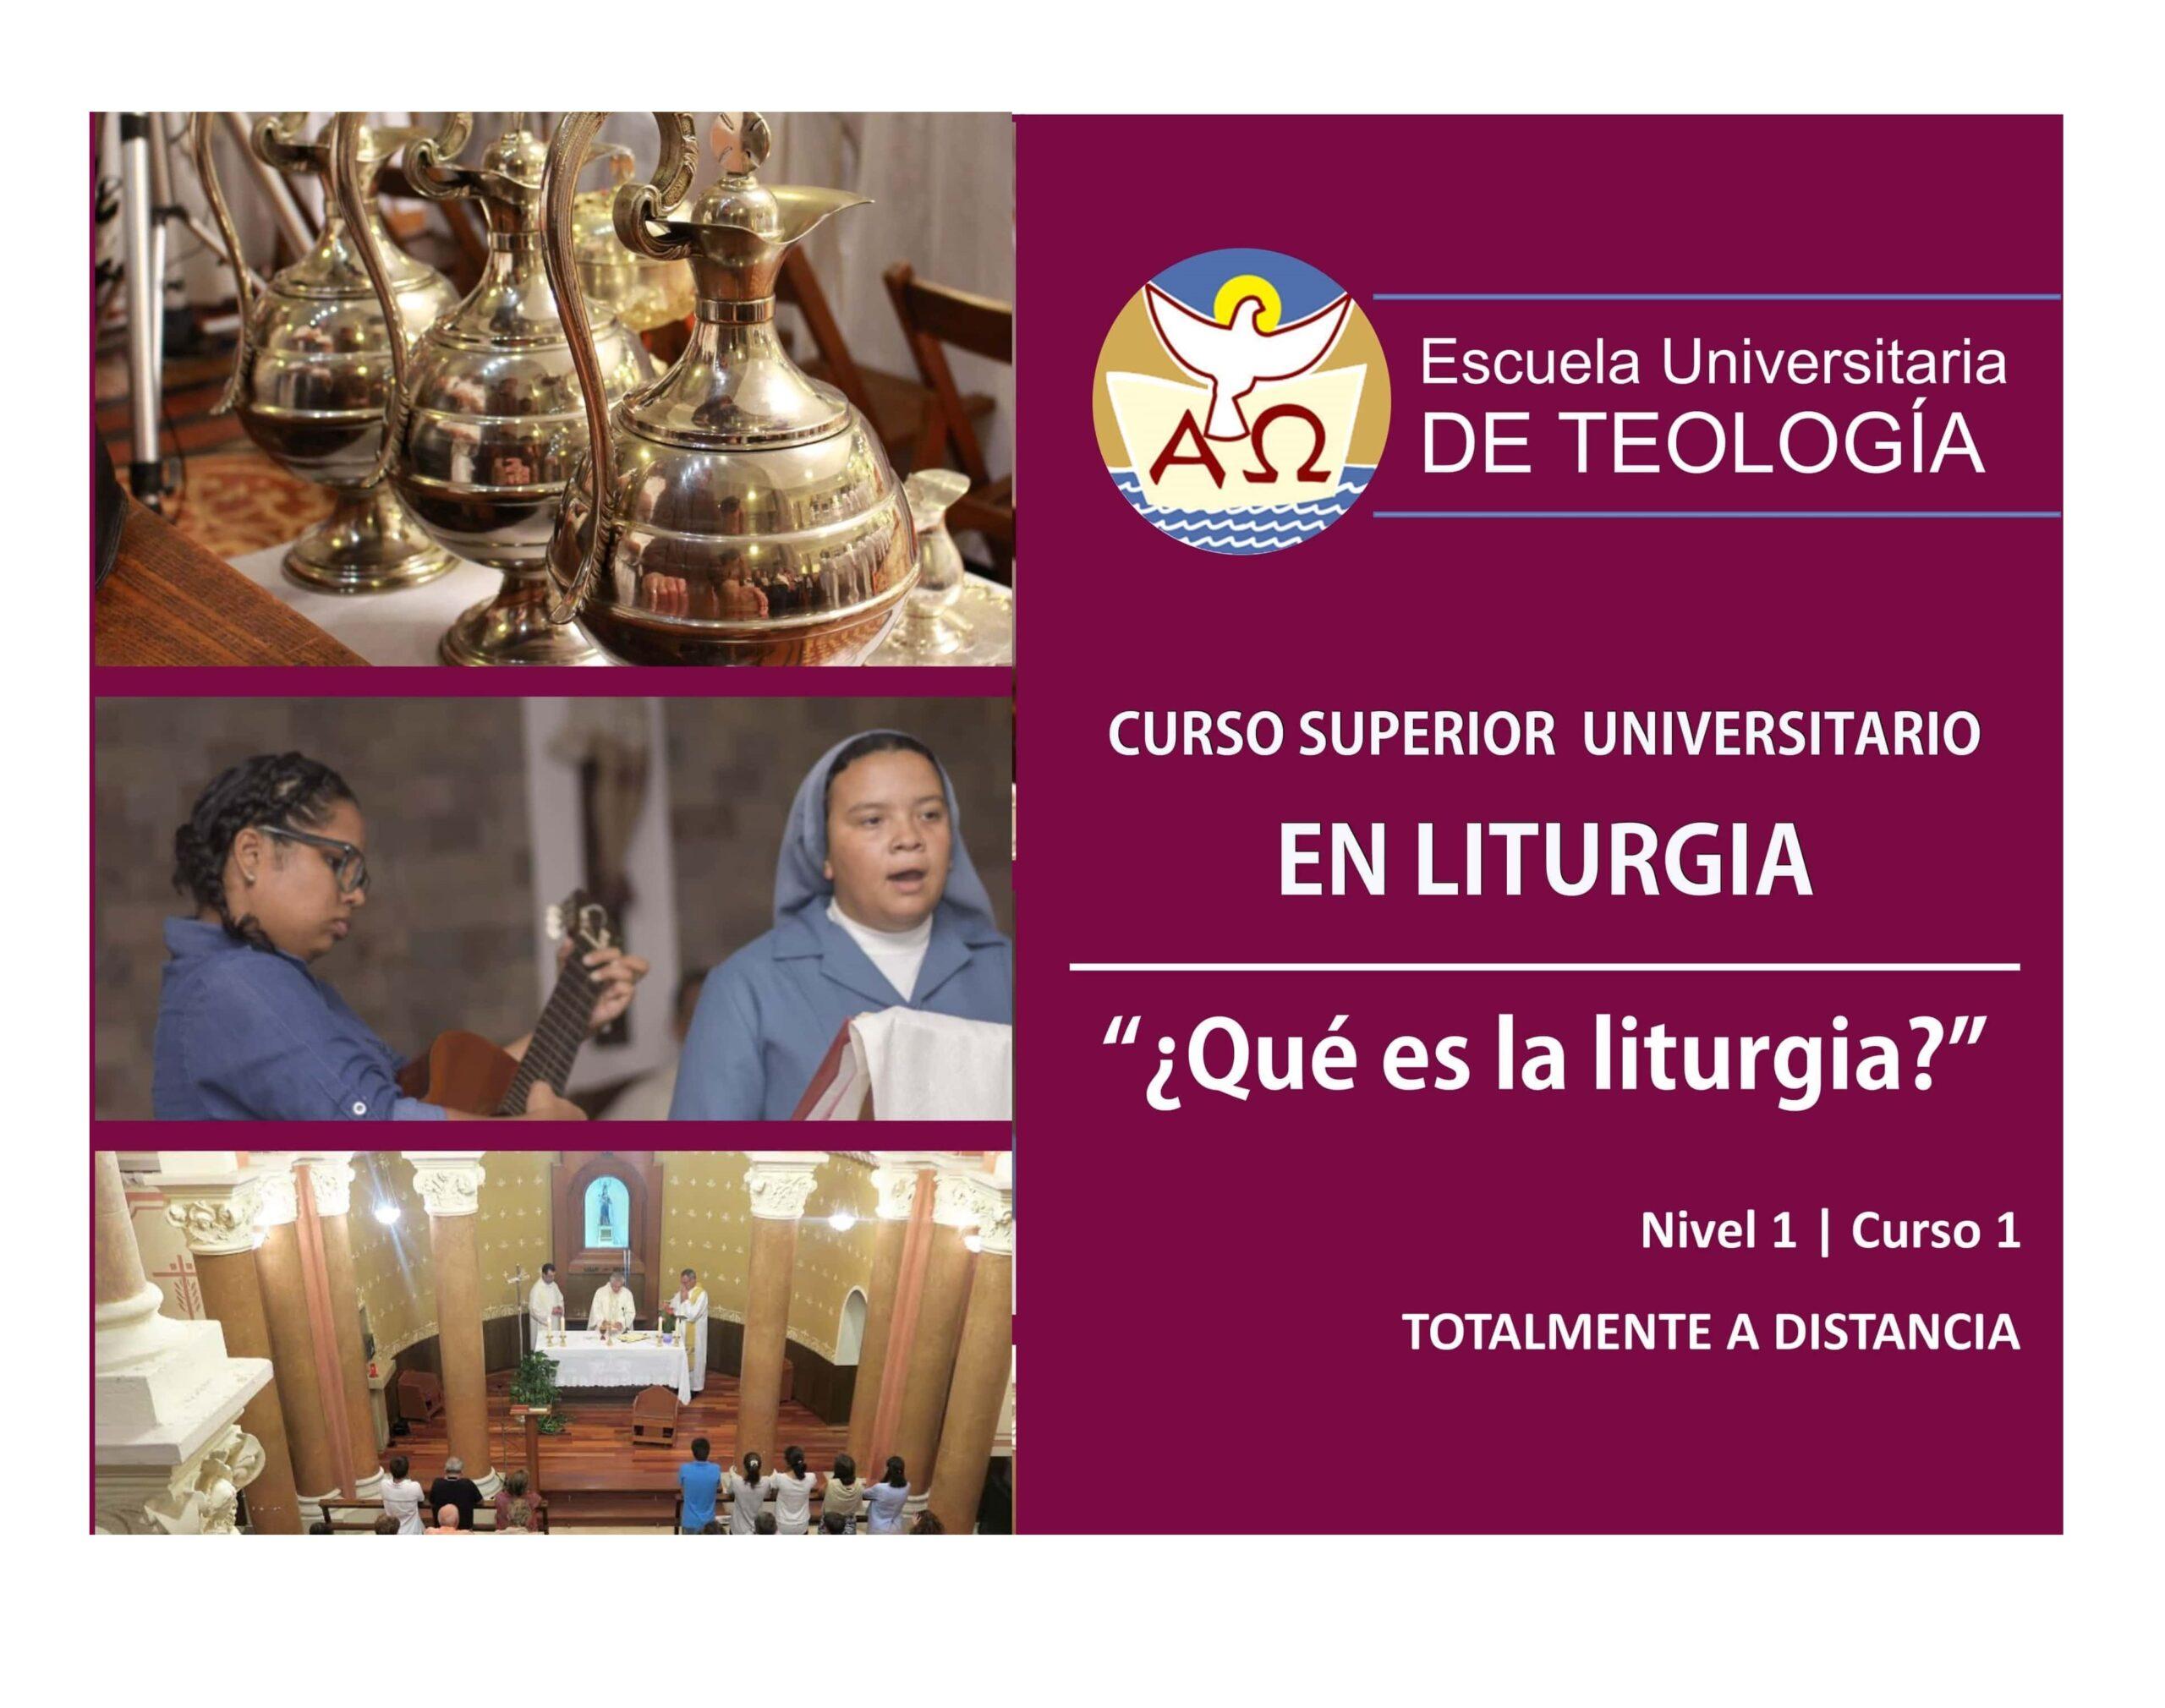 CURSO 1 – ¿Qué es la liturgia?